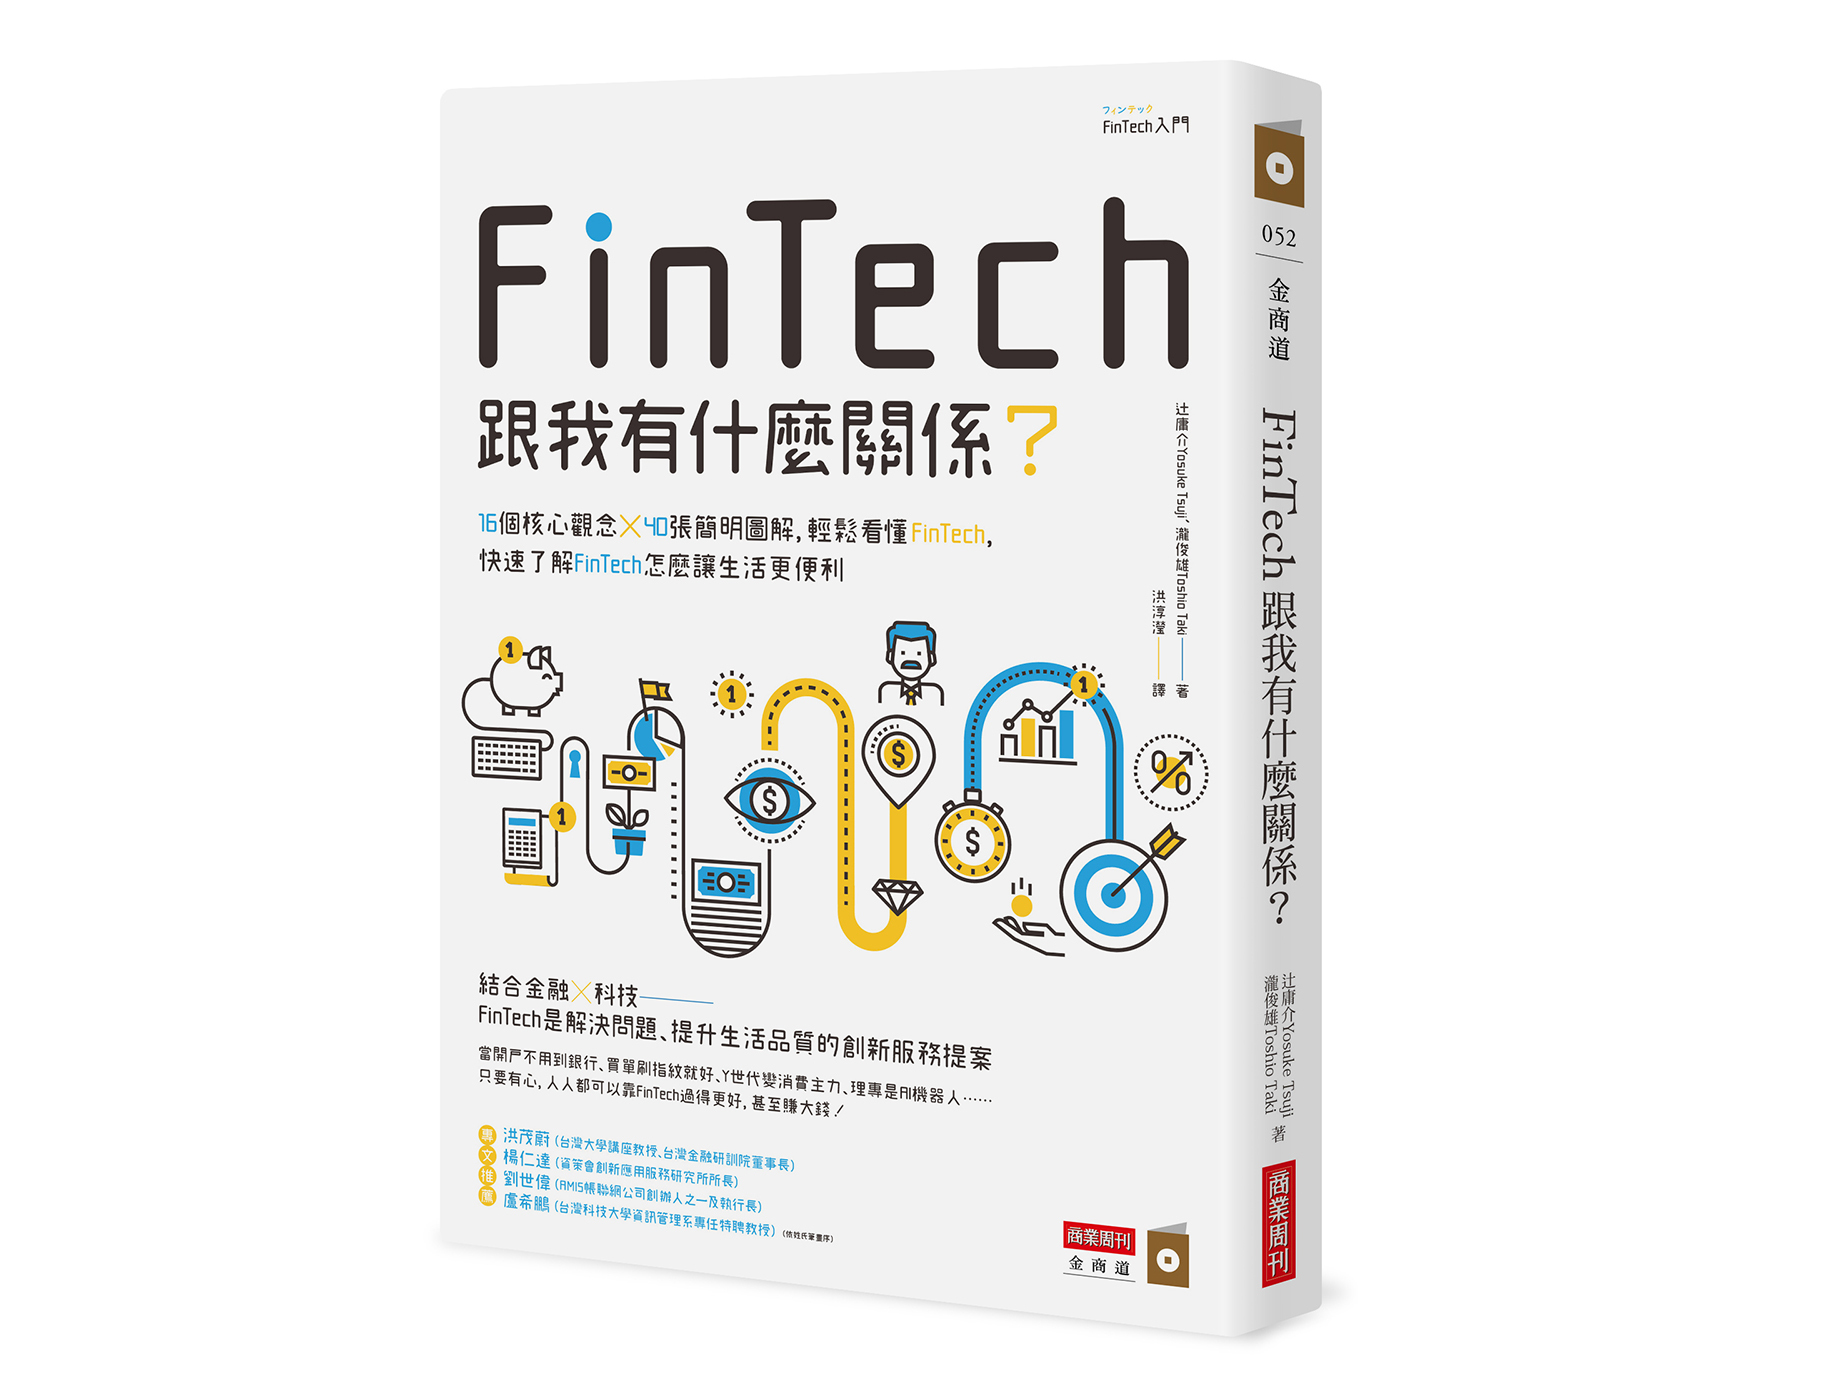 新書搶先看》FinTech快速普及3大原因以及對個人的影響